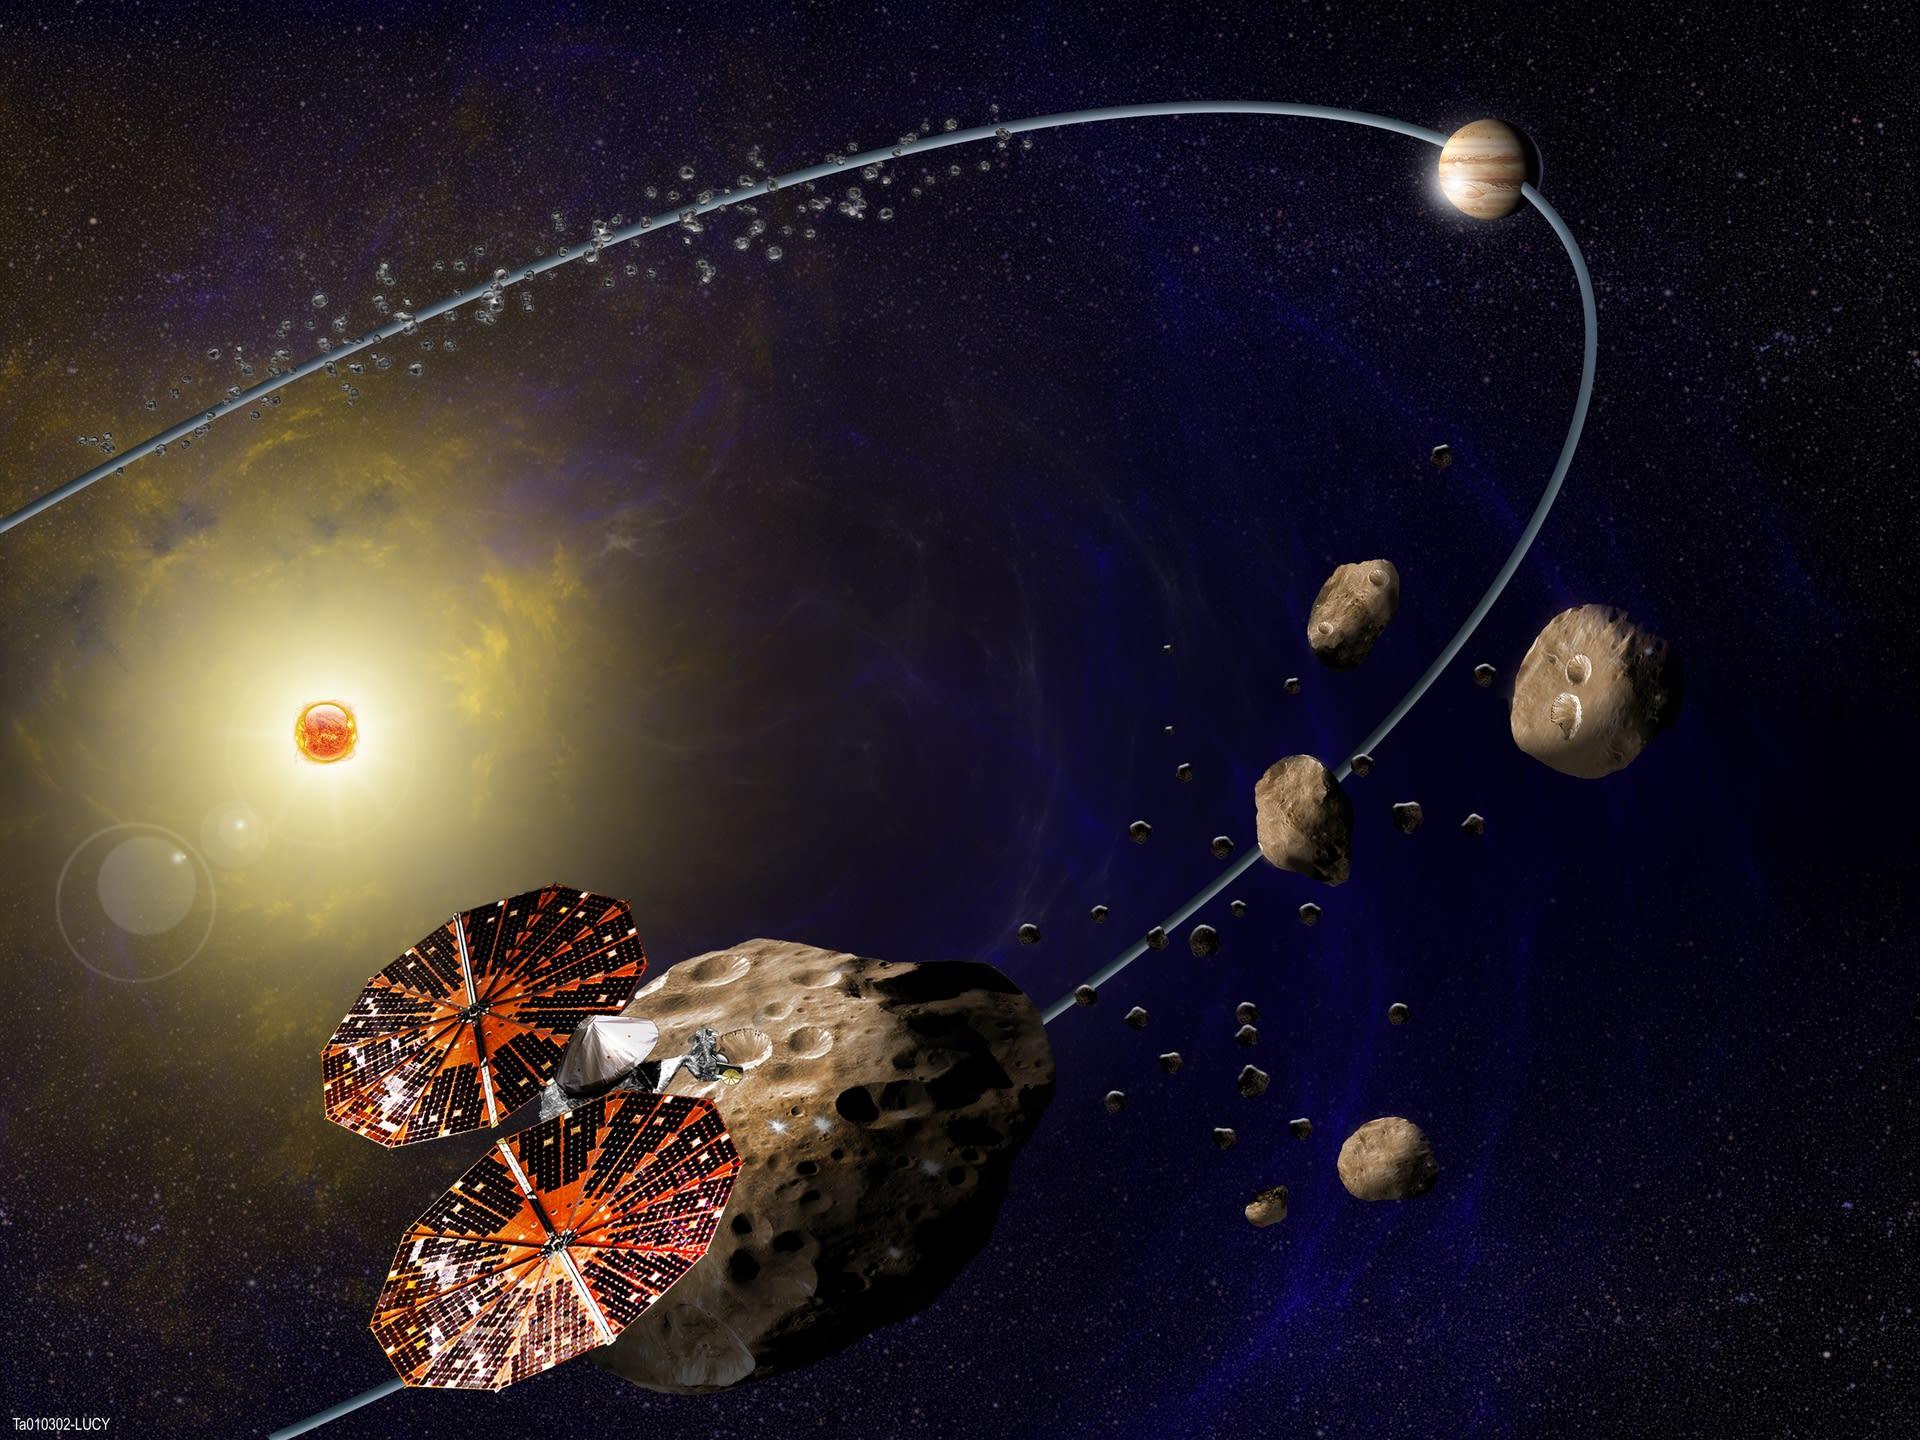 Nasaの新小惑星探査ミッション Lucy と Psyche 宇宙のはなしと